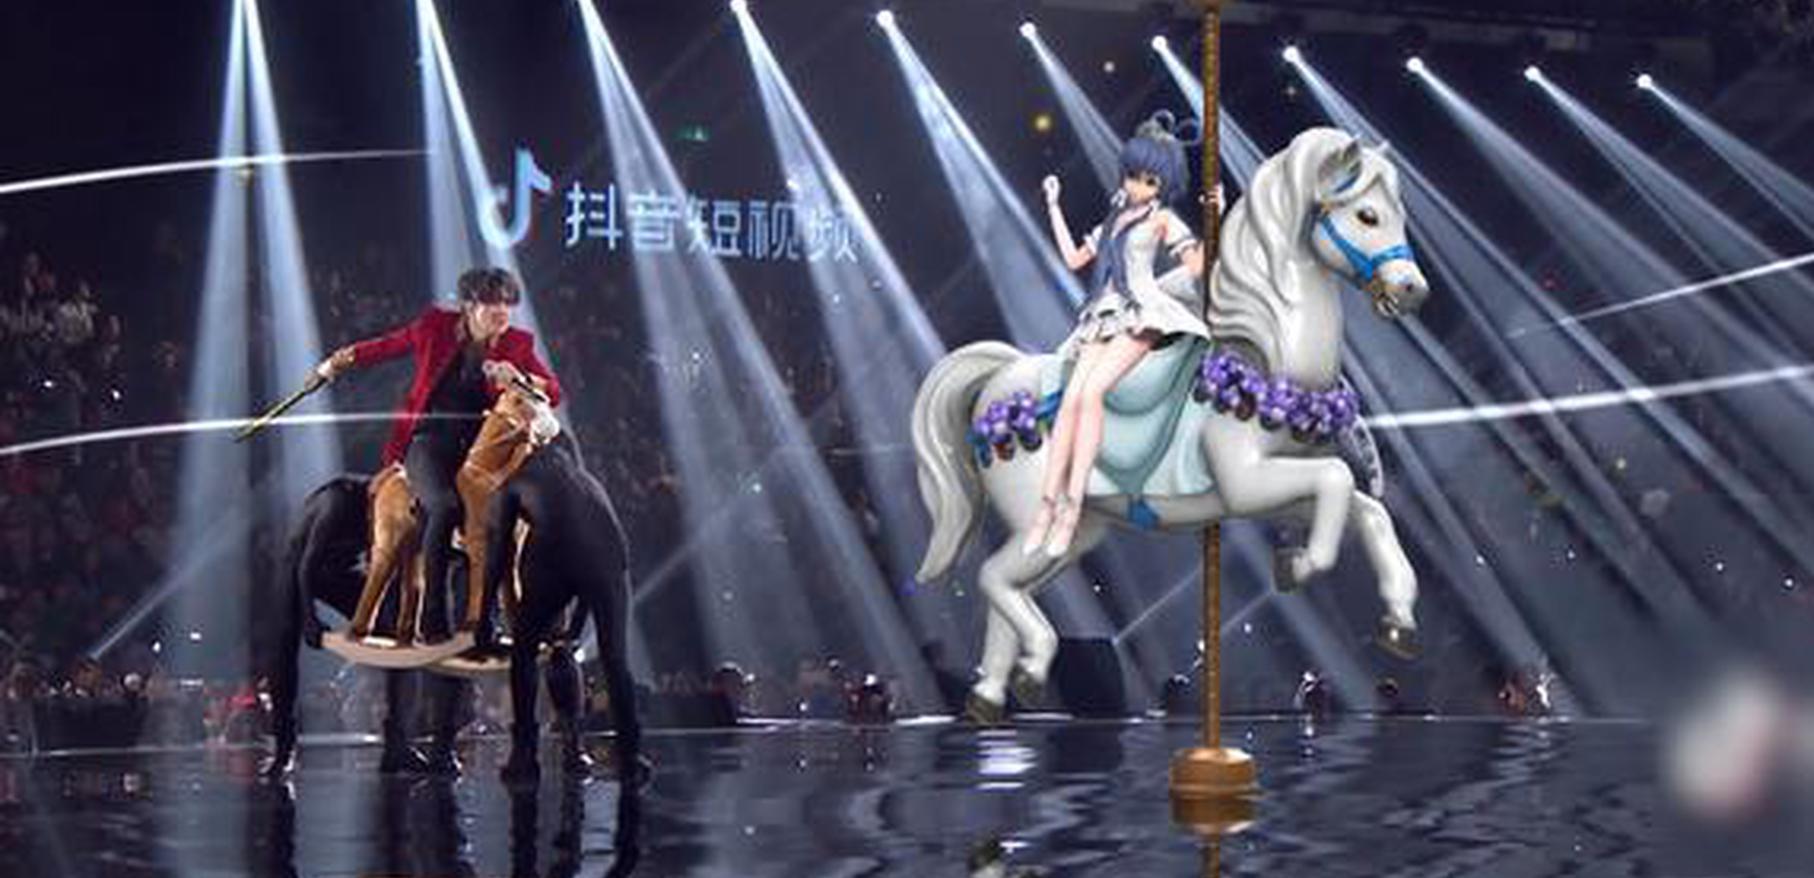 薛之谦和洛天依共同演绎ilem的原创作品《达拉崩吧》。